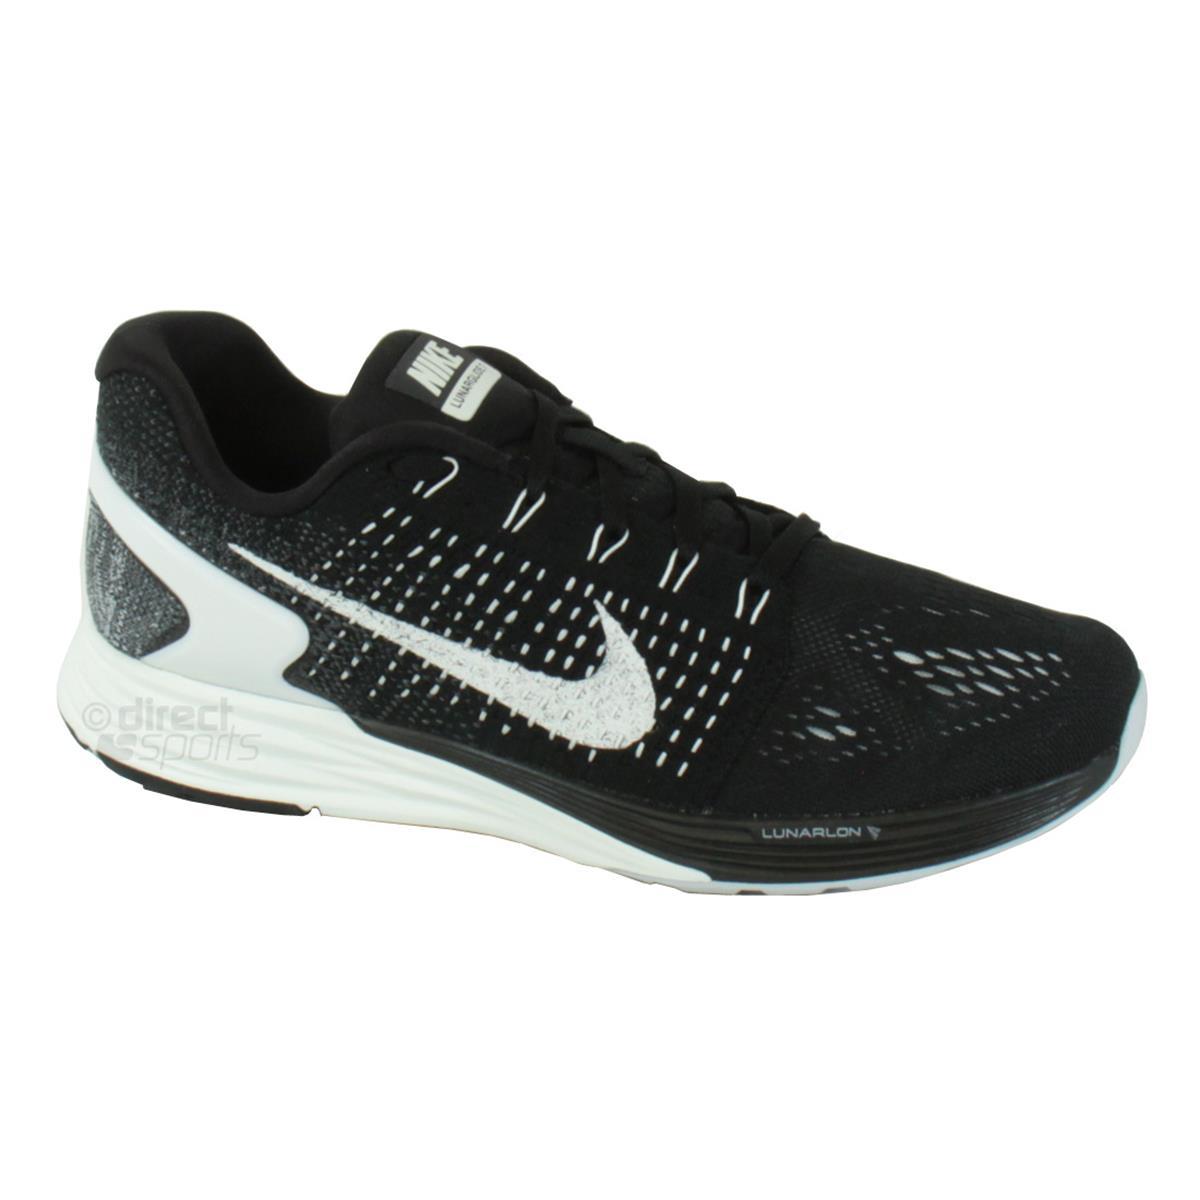 98bde7302d2d Nike Lunarglide 7 Womens Running Shoes